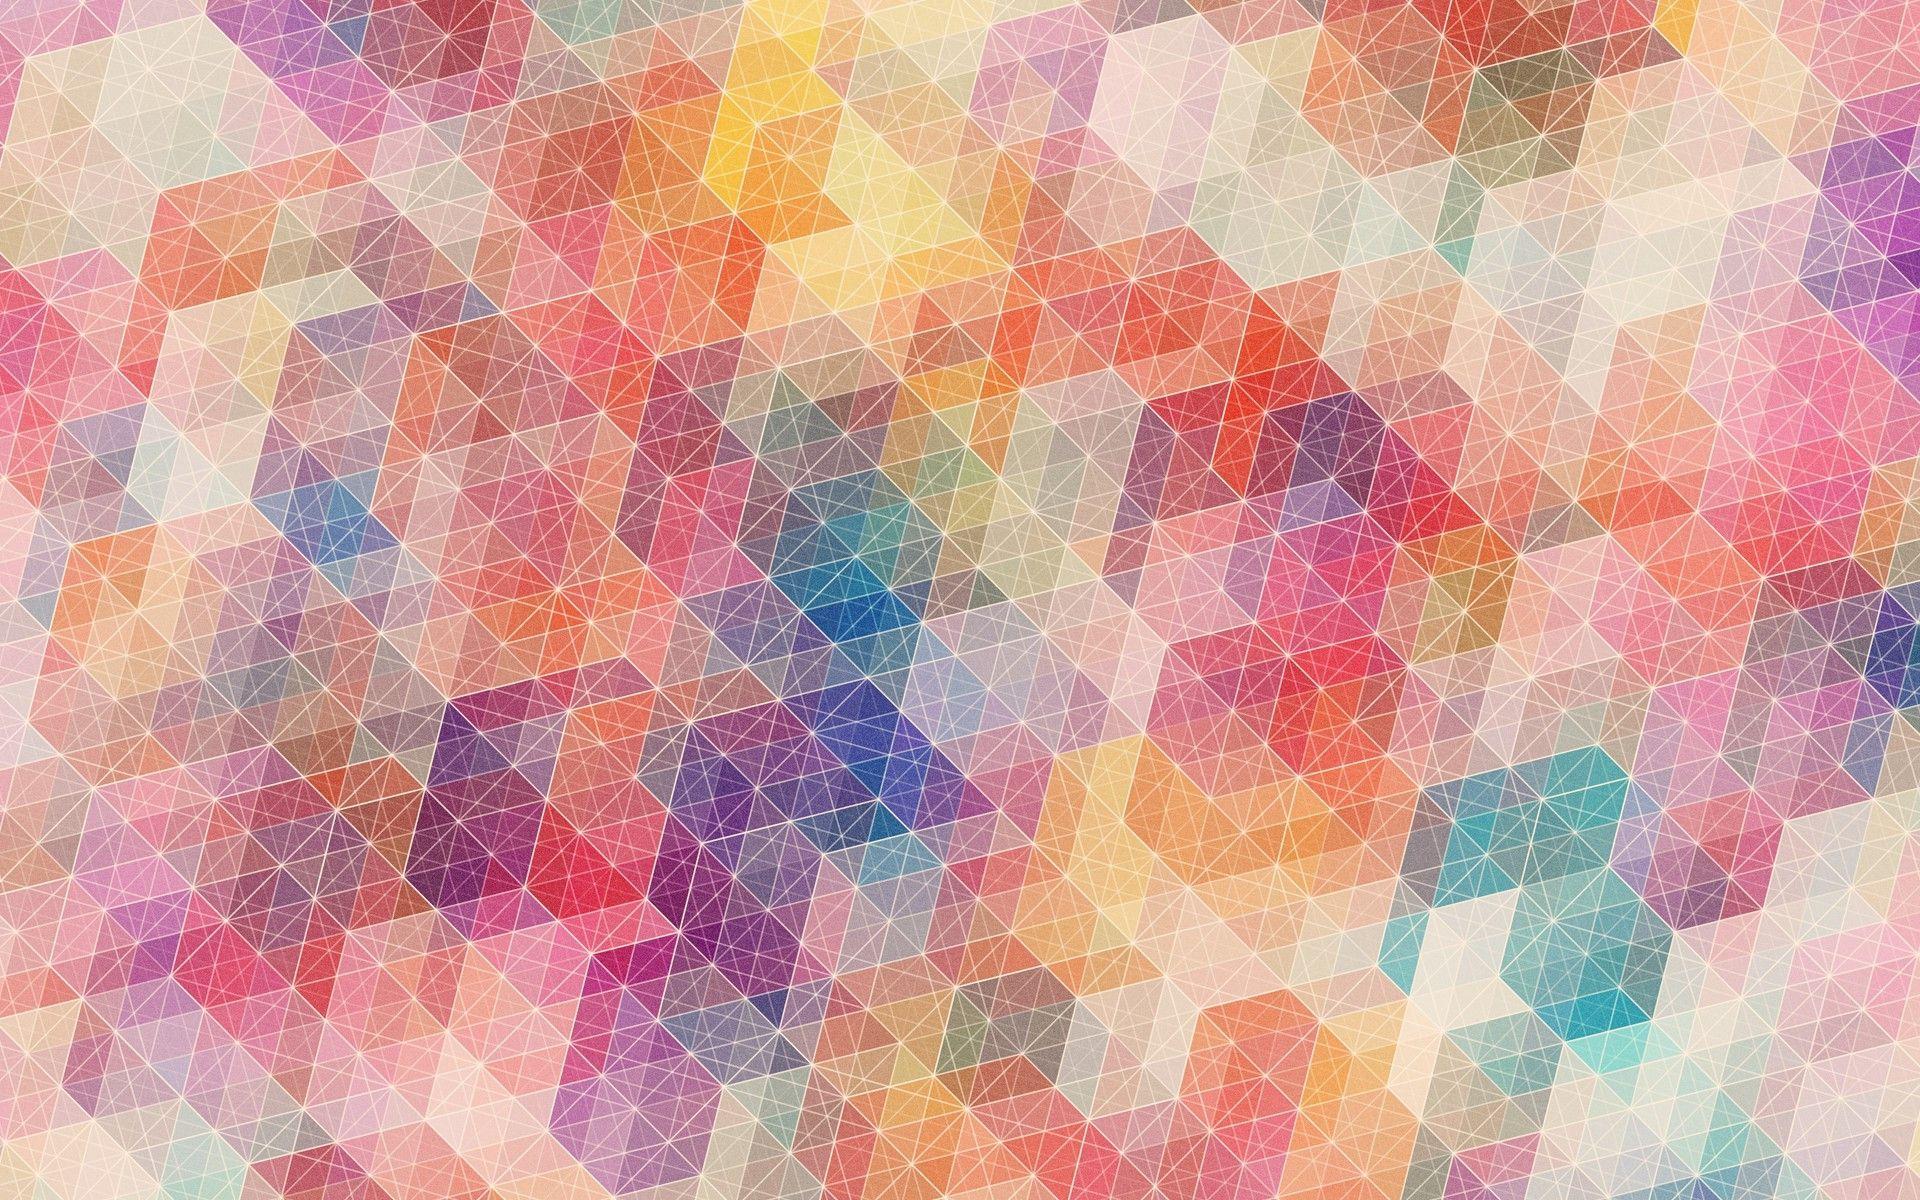 download Geometric Pattern Desktop Wallpaper Colorful 1920x1200